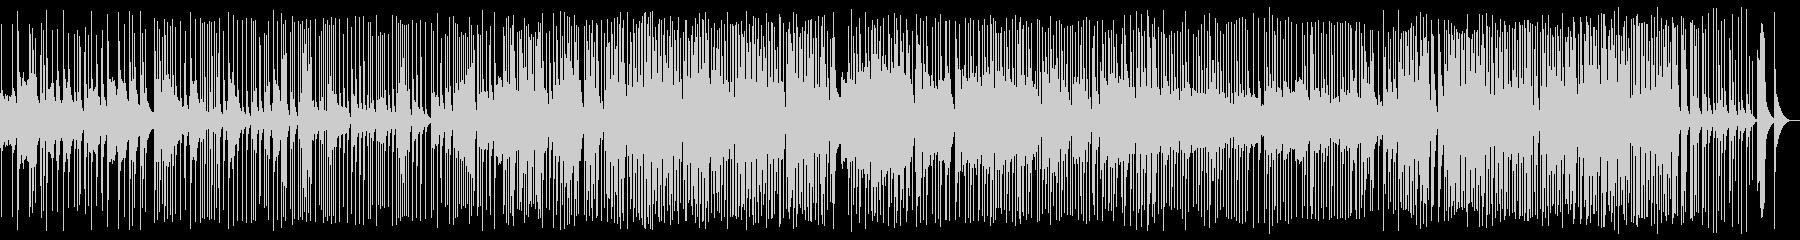 六段の調 シンプルな箏の音色の未再生の波形